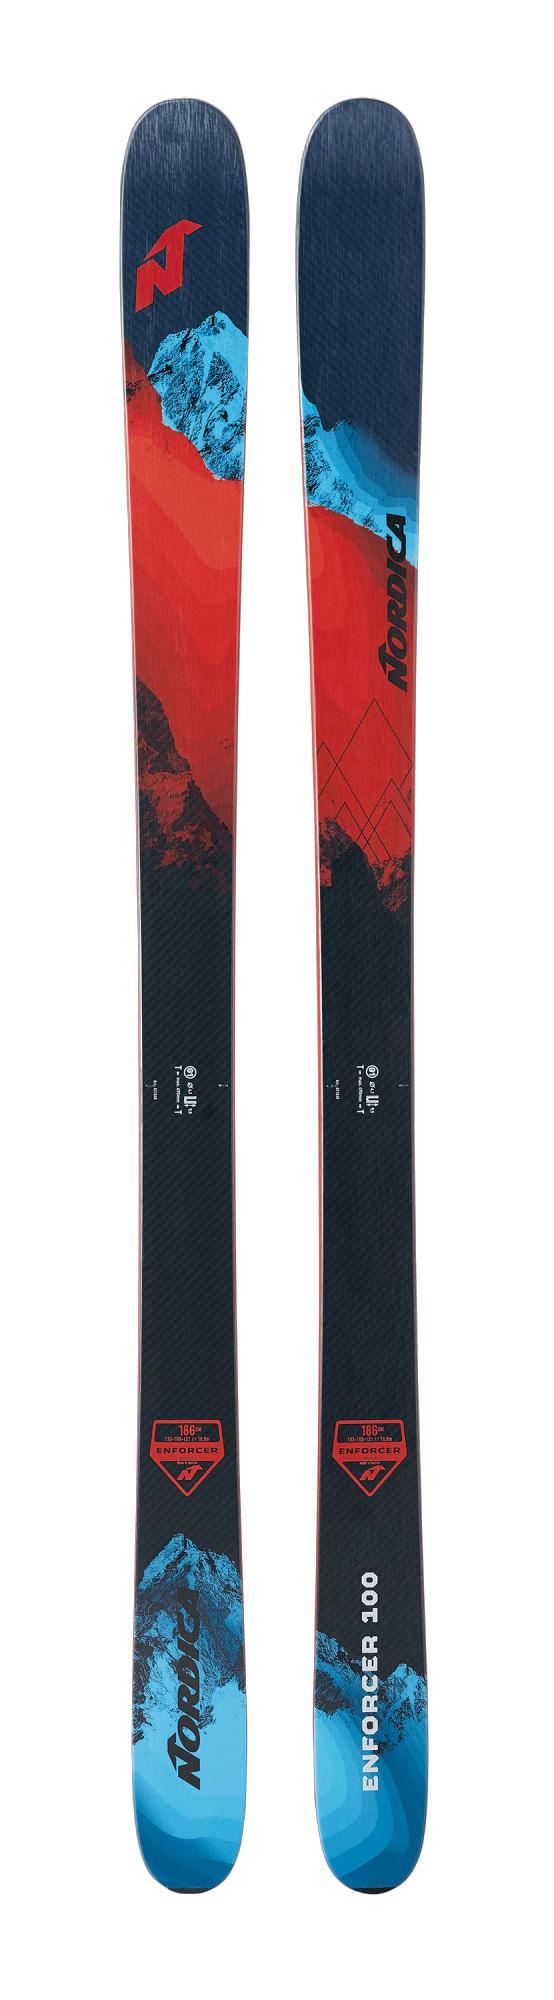 Nordica-Enforcer-100-Skis-2021